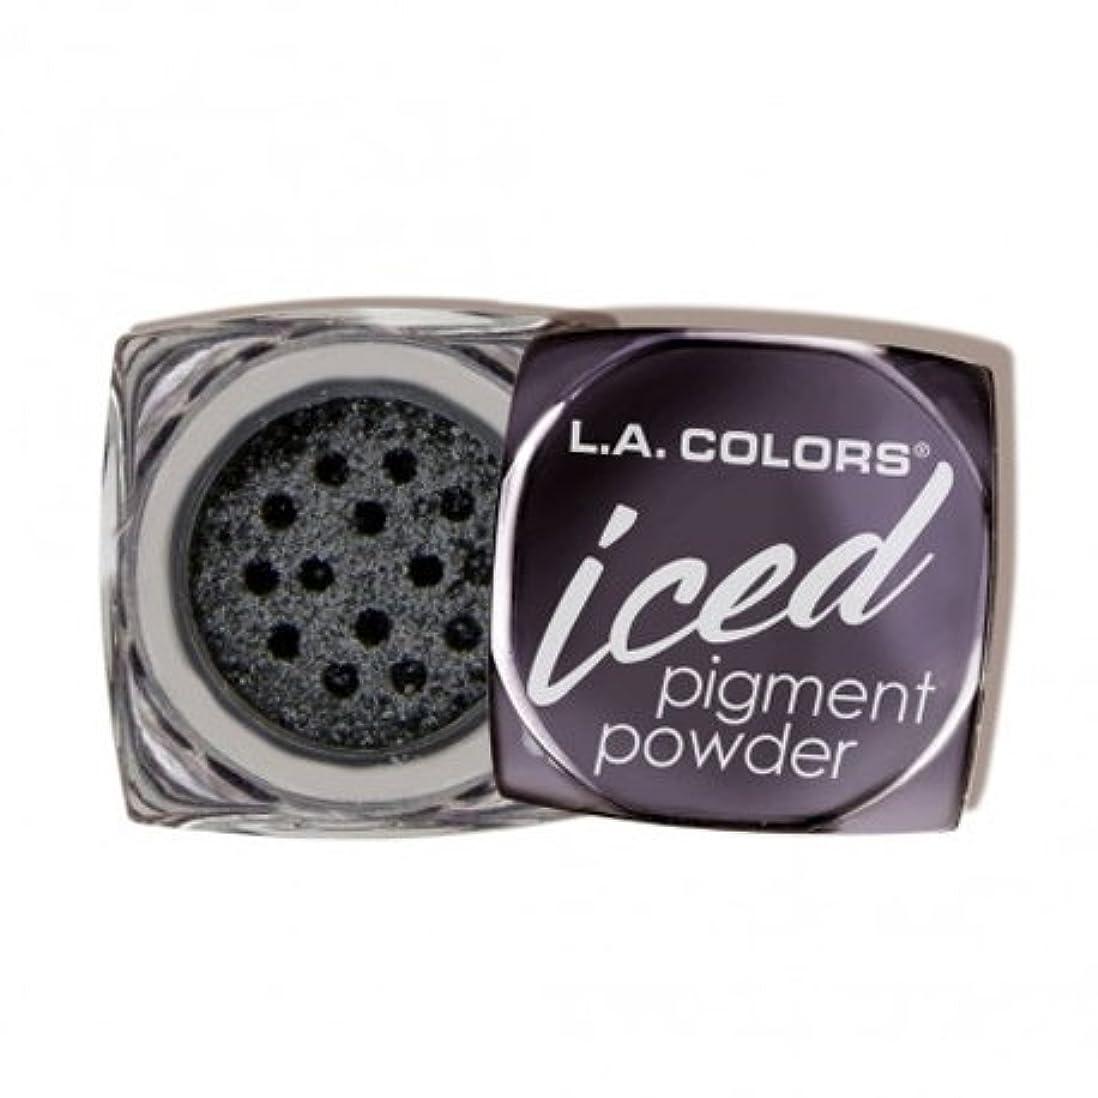 レオナルドダ枯れる満足(3 Pack) L.A. COLORS Iced Pigment Powder - Glimmer (並行輸入品)